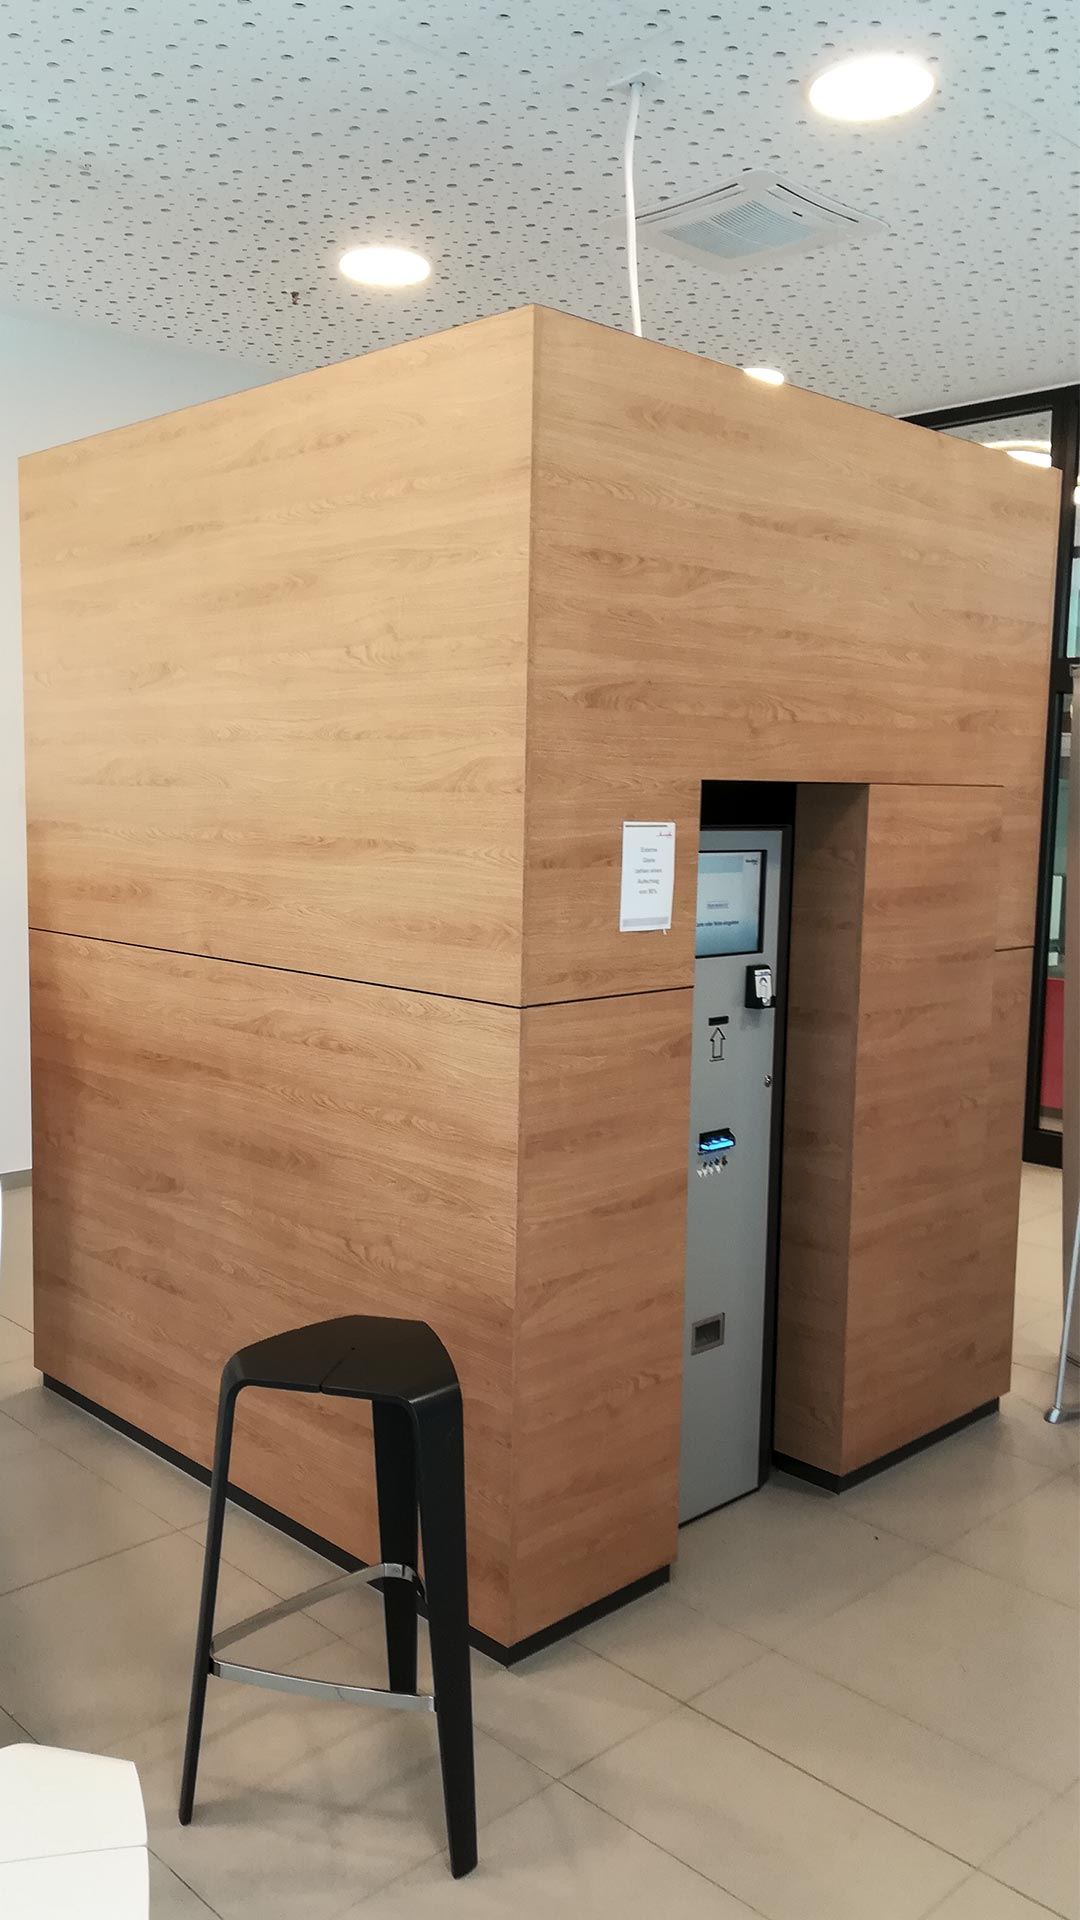 Am Ladeterminal können die Chipkarten aufgeladen werden, die zum Bezahlen an Bar und Automaten verwendet werden.